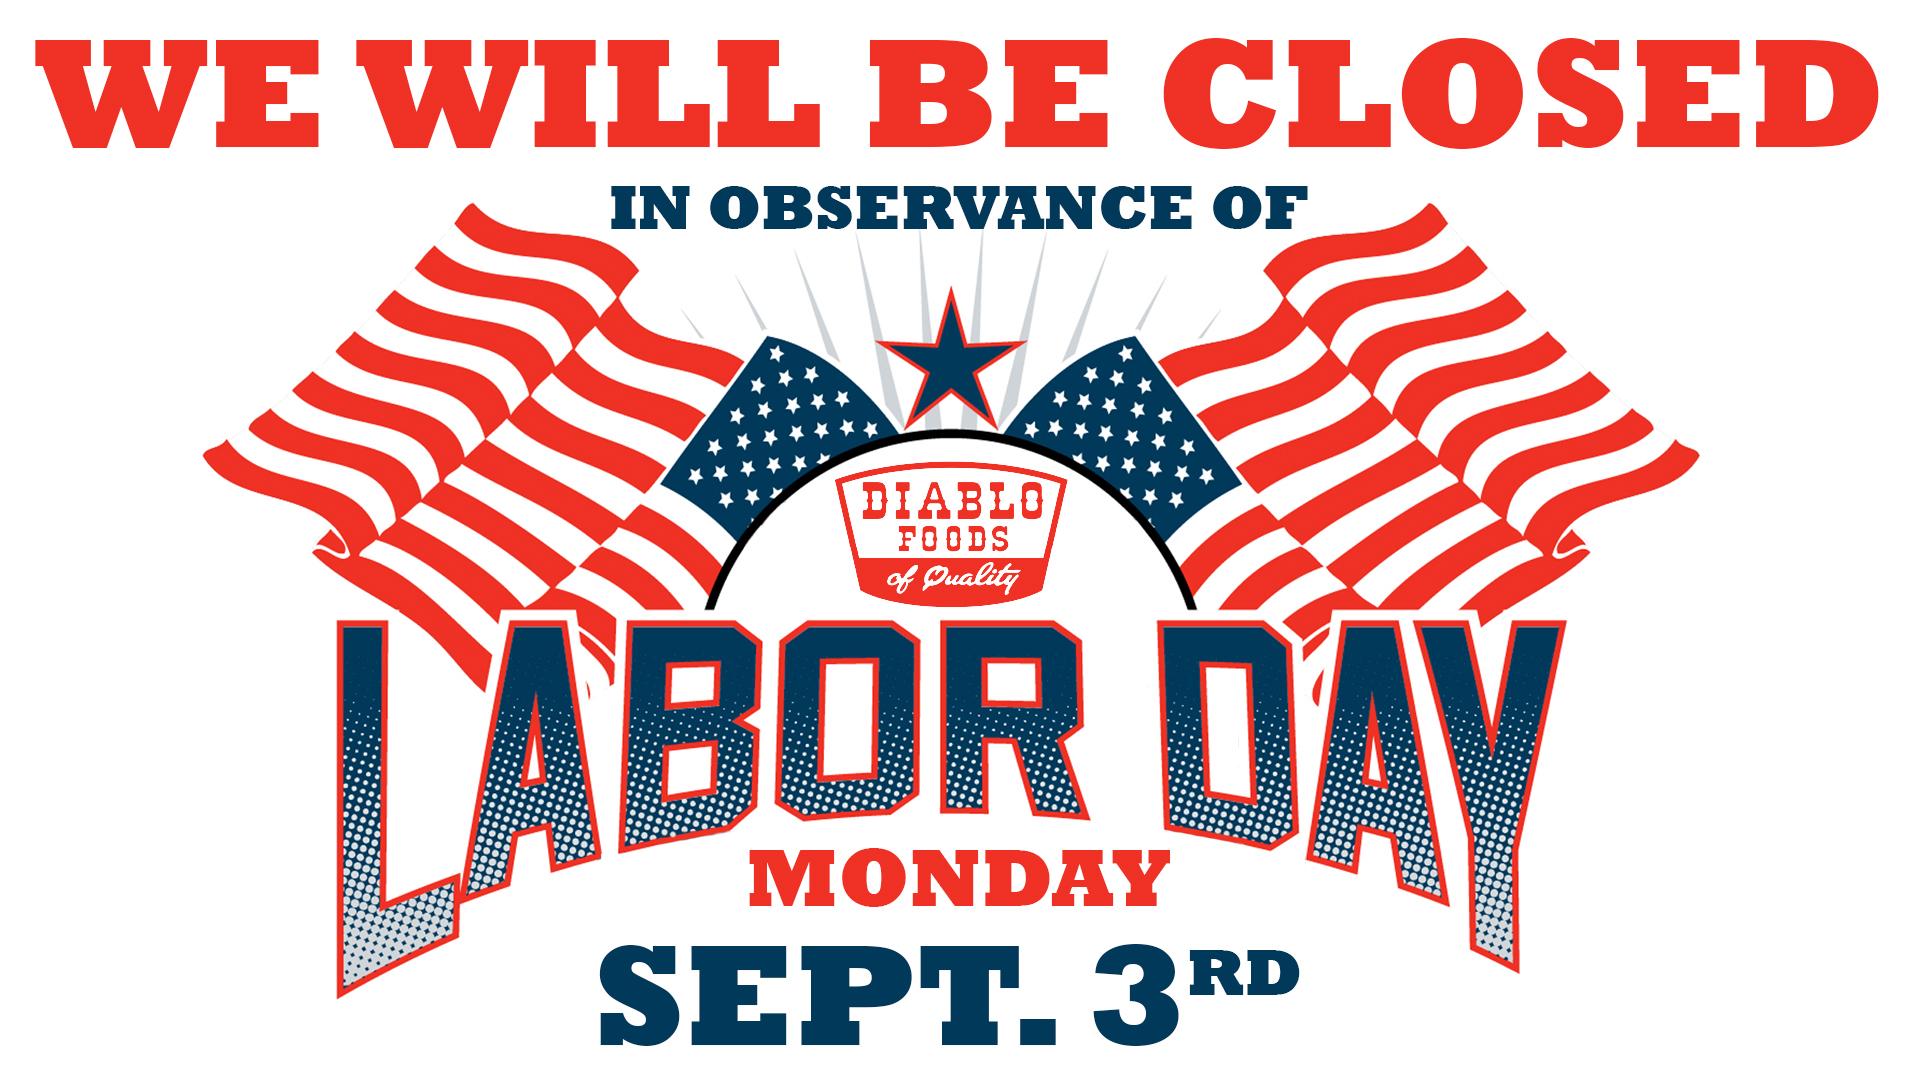 closed for labor day 2018 clip art